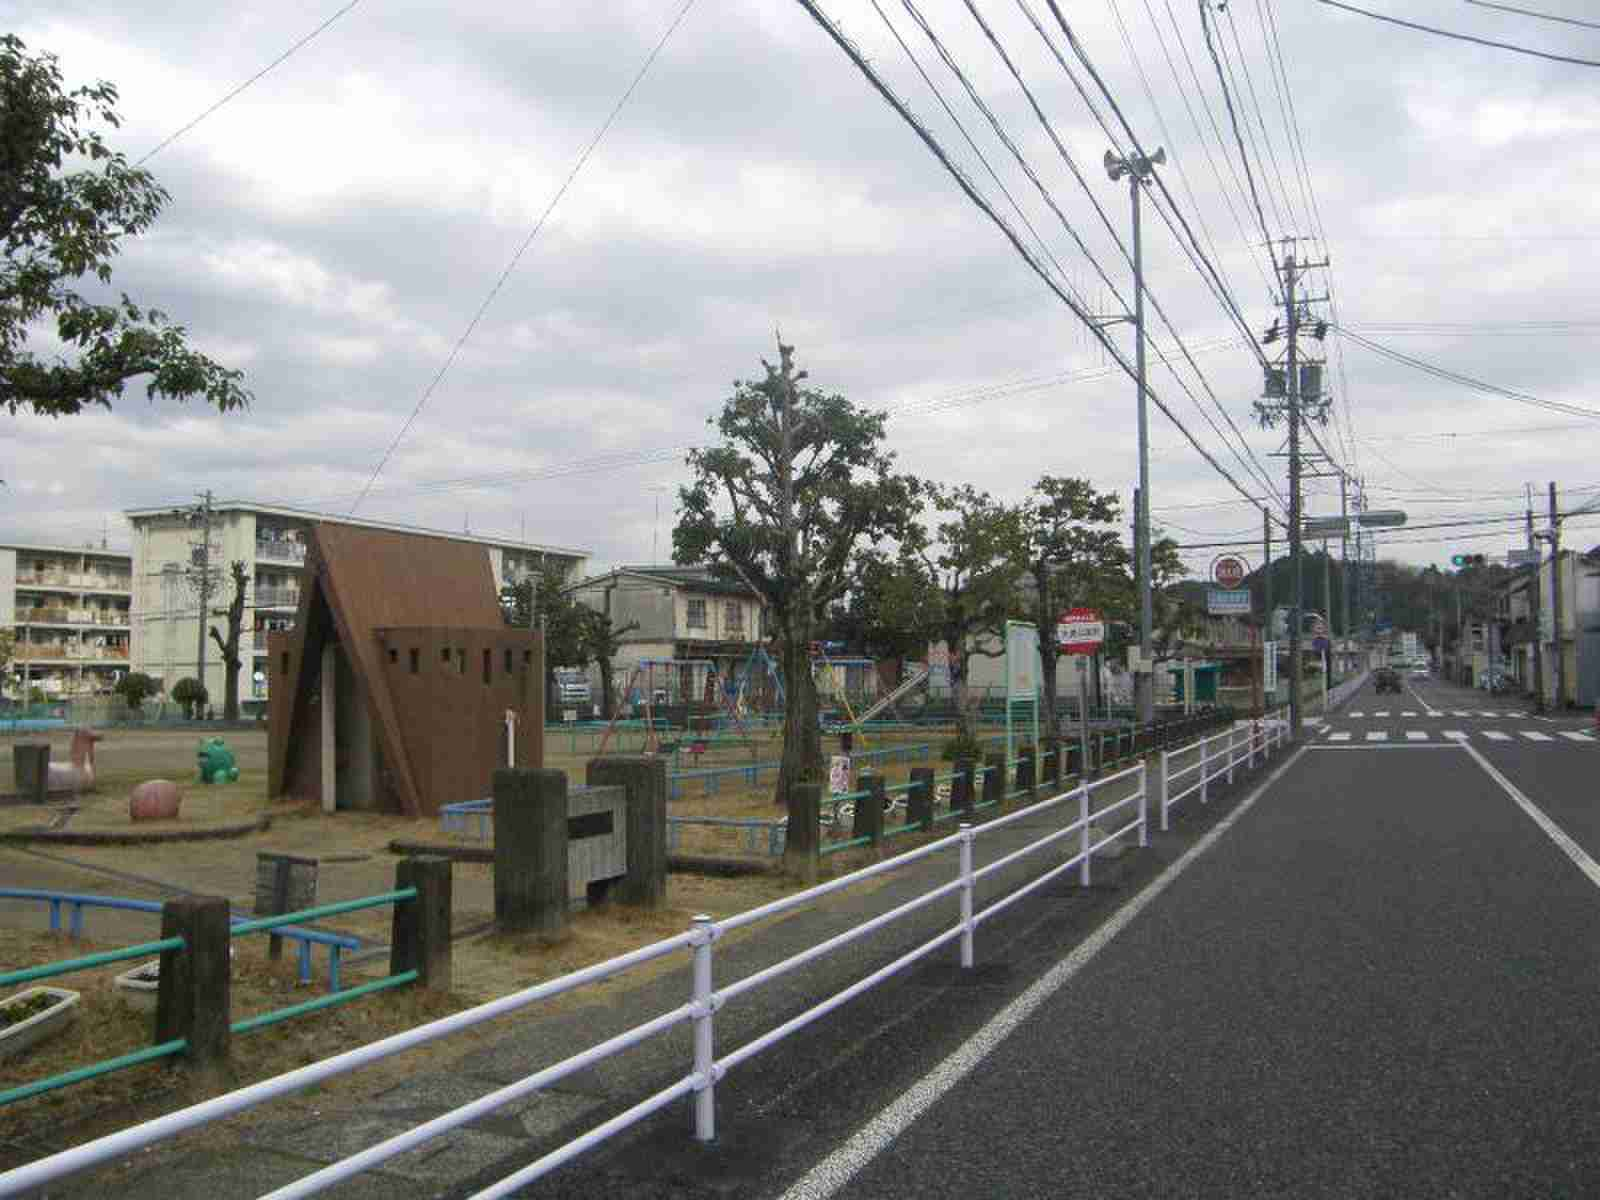 【日本全国】知ってる公園名をひたすら書込むトピ